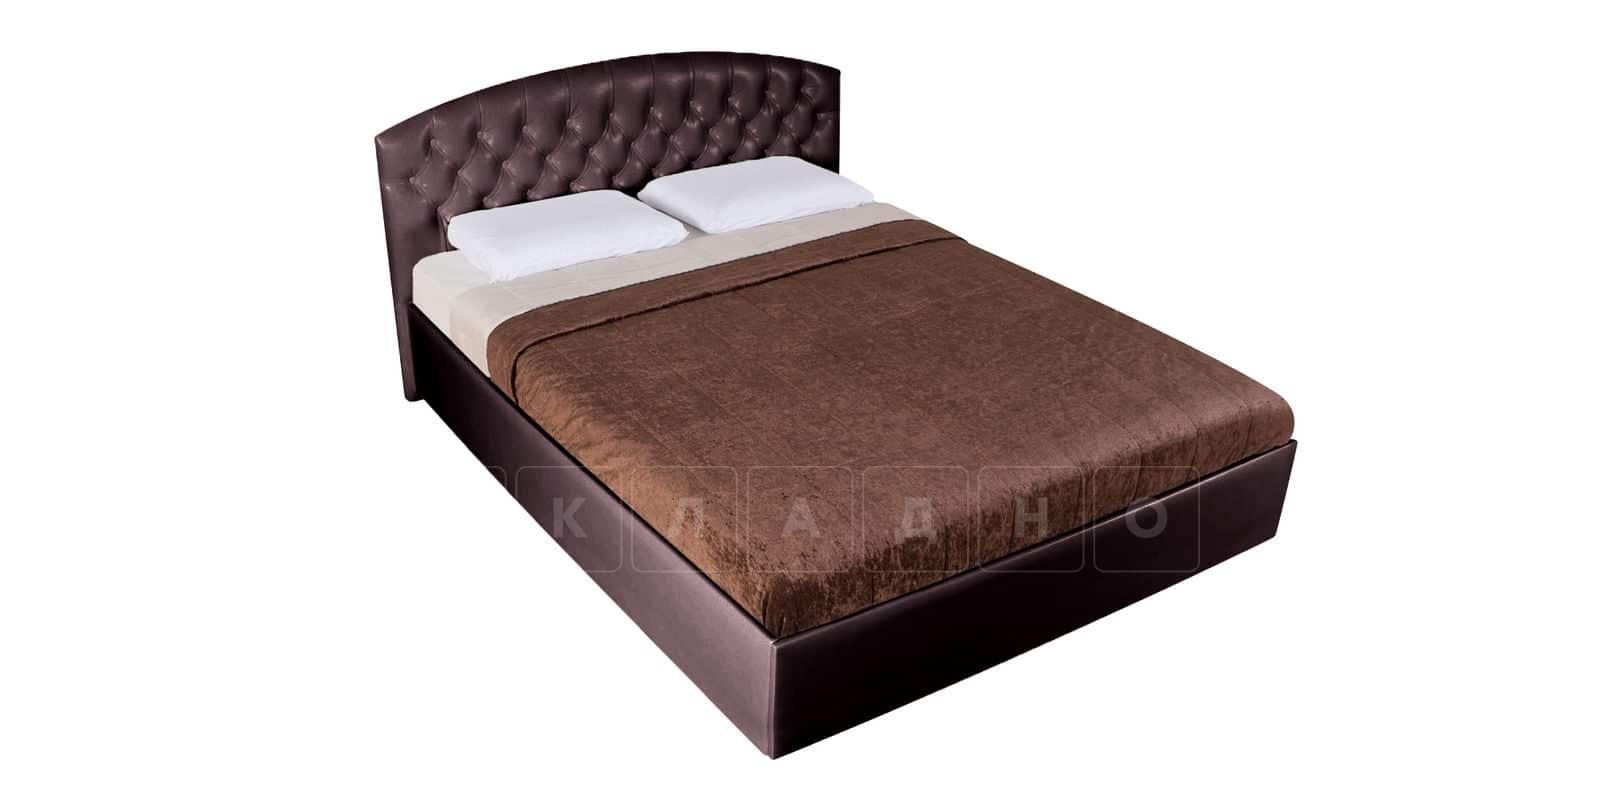 Мягкая кровать Малибу 160см экокожа шоколадного цвета вариант 1-2 фото 5 | интернет-магазин Складно